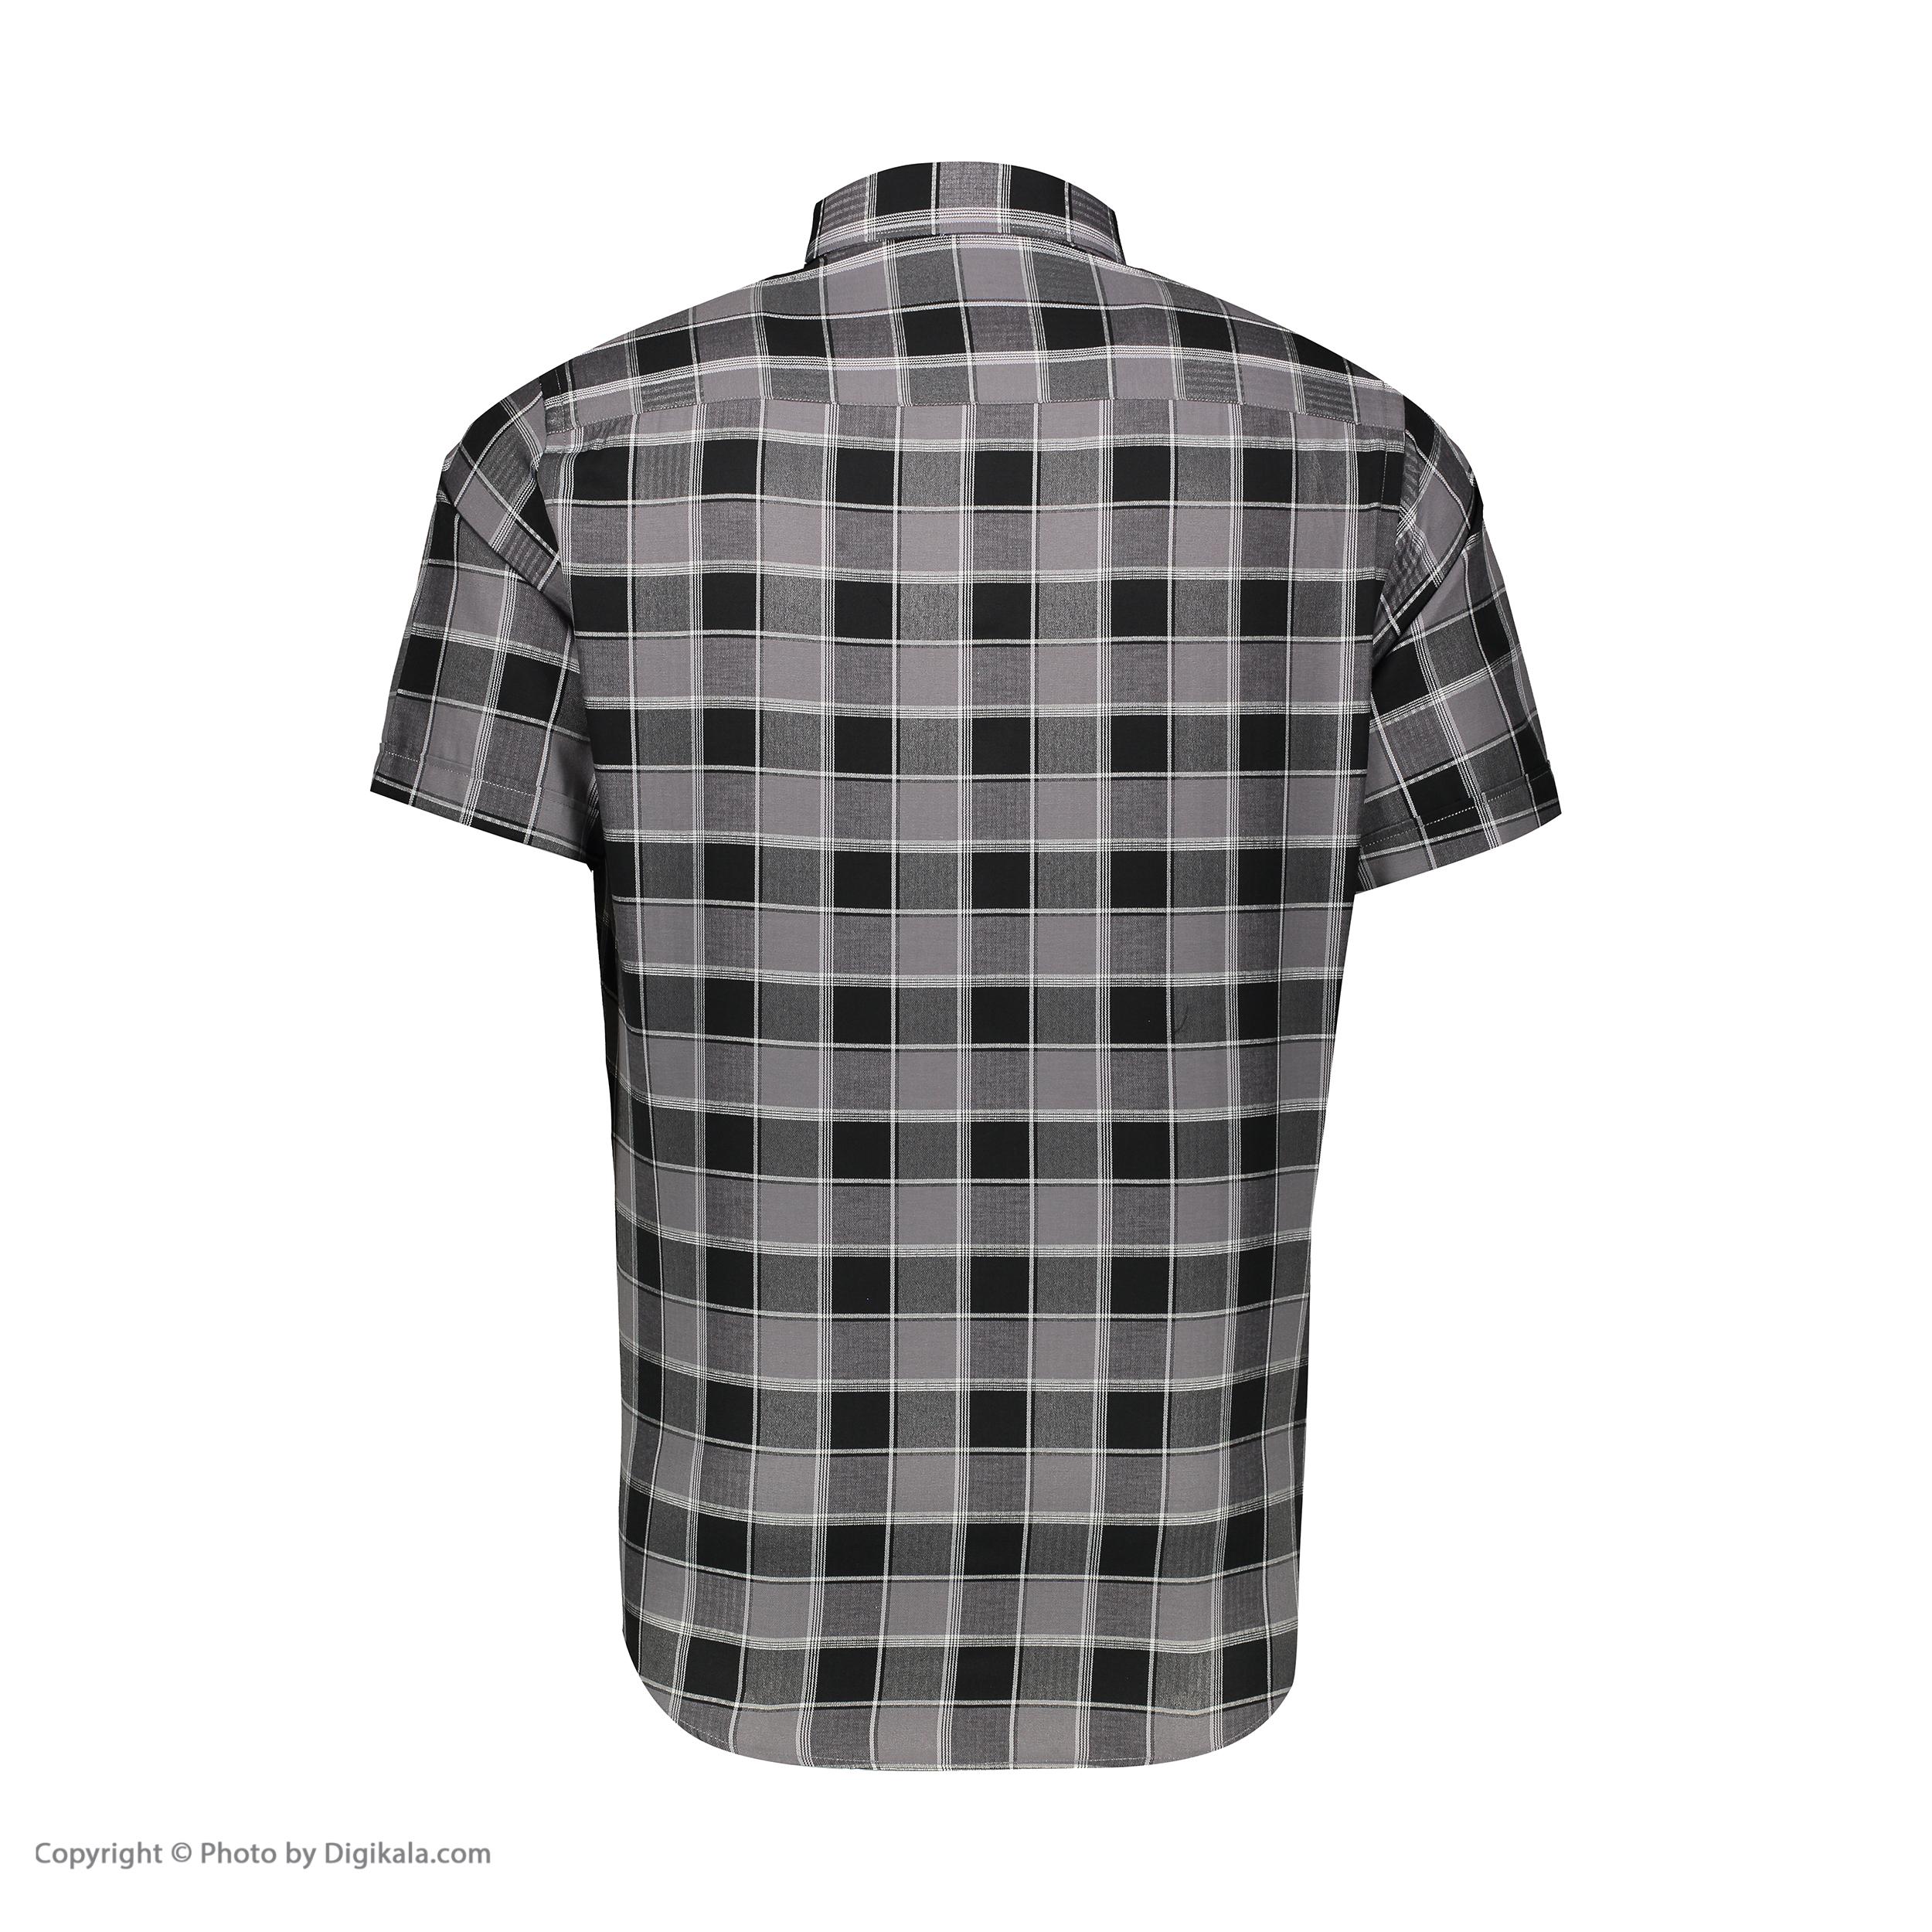 پیراهن مردانه زی مدل 15312299993 -  - 5